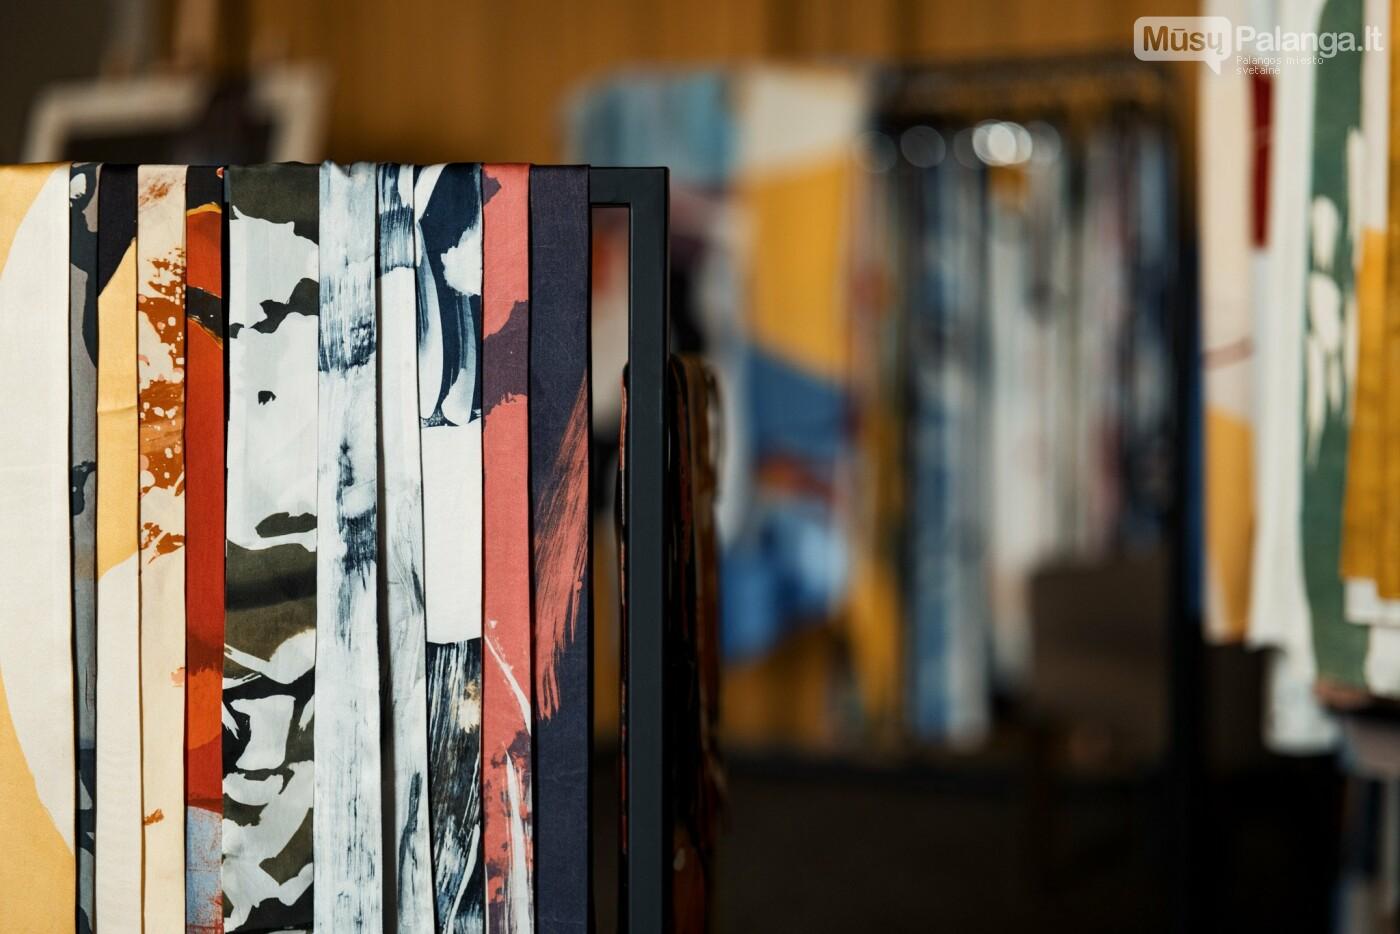 Didžiausia šilko kolekcija įsikurs Palangoje: kvies apžiūrėti neįprastu būdu, nuotrauka-11